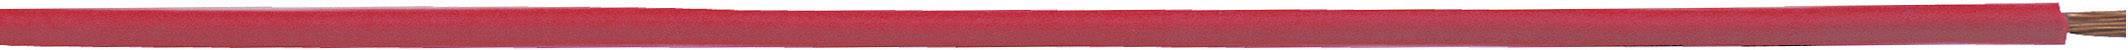 Opletenie / lanko LappKabel 4510091 H05V-K, 1 x 0.50 mm², vonkajší Ø 2.10 mm, 100 m, oranžová